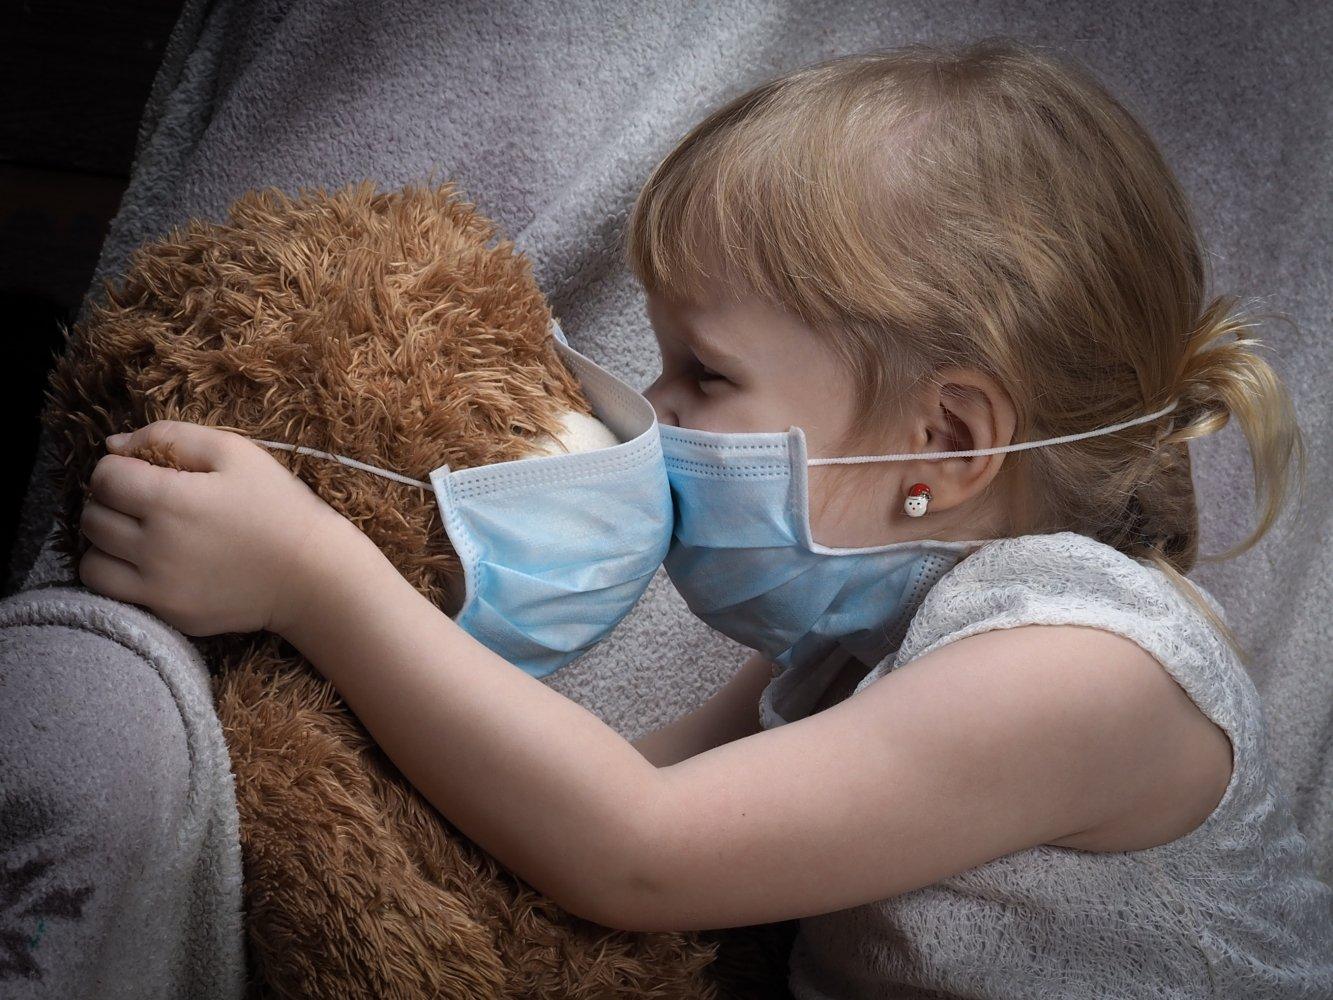 Педиатр объяснил, почему детям вредно носить маски, несмотря на COVID-19